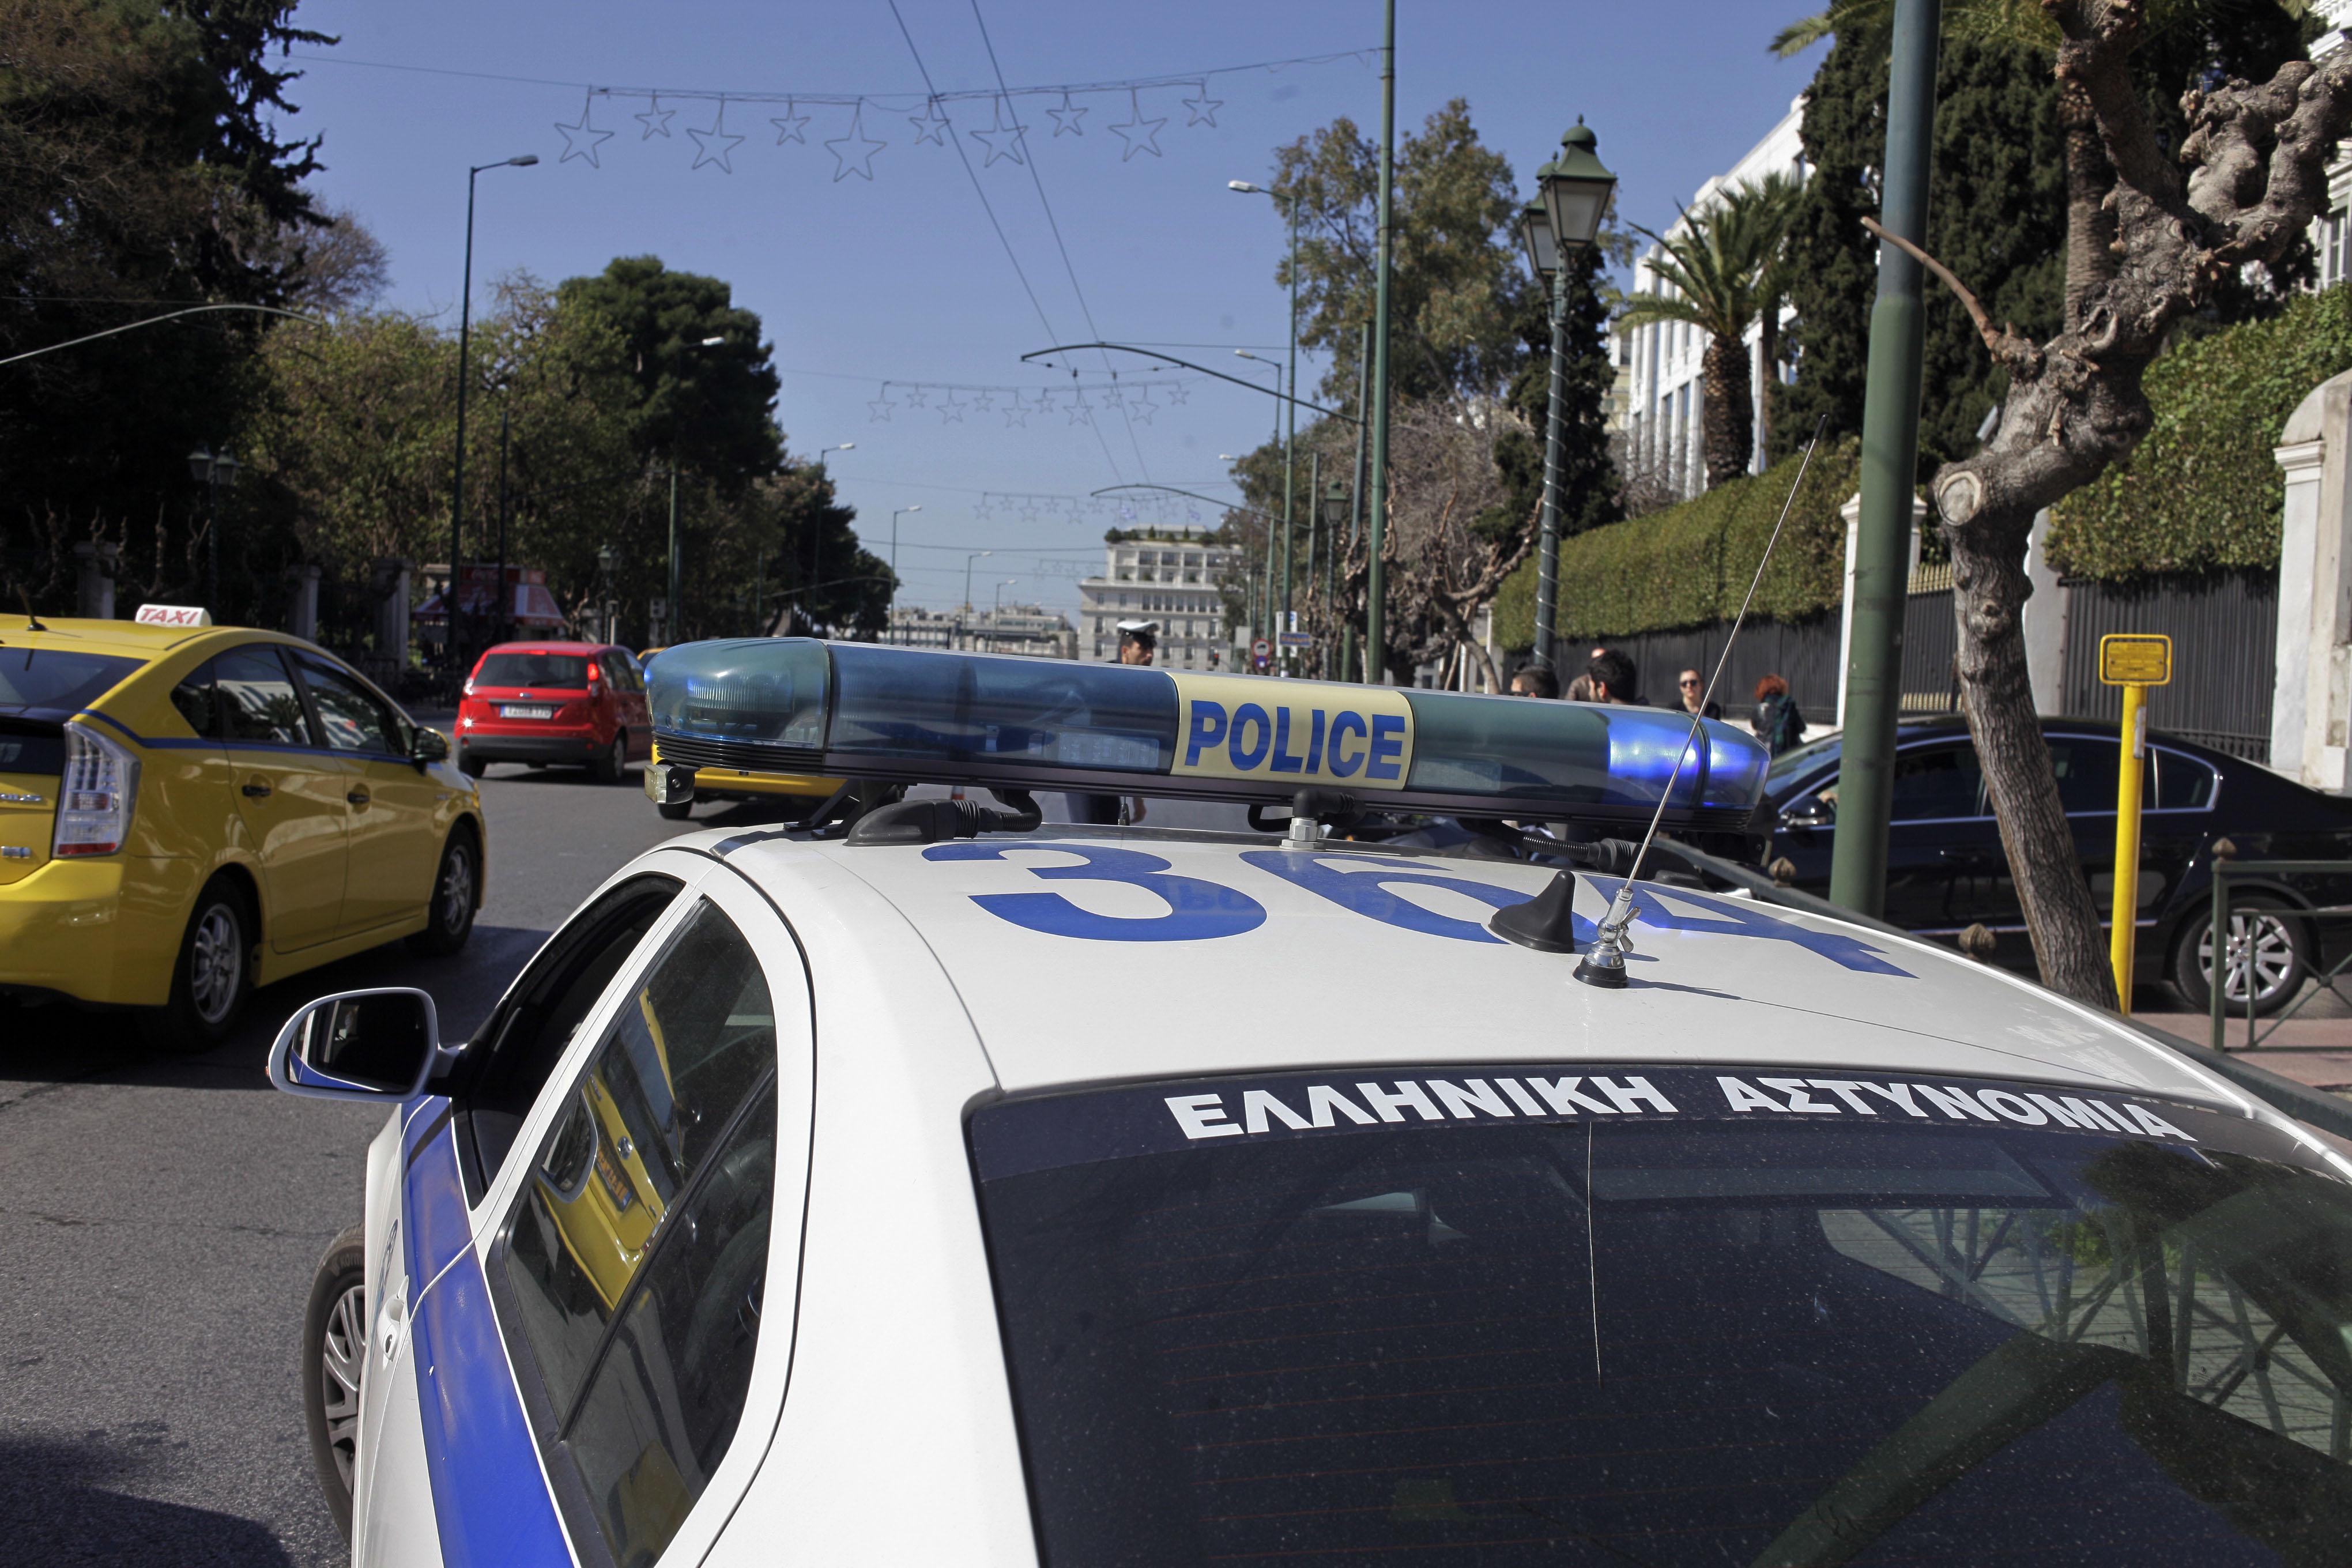 Ποινική δίωξη για τον δράστη της επίθεσης στον δήμαρχο Ελευσίνας   tovima.gr